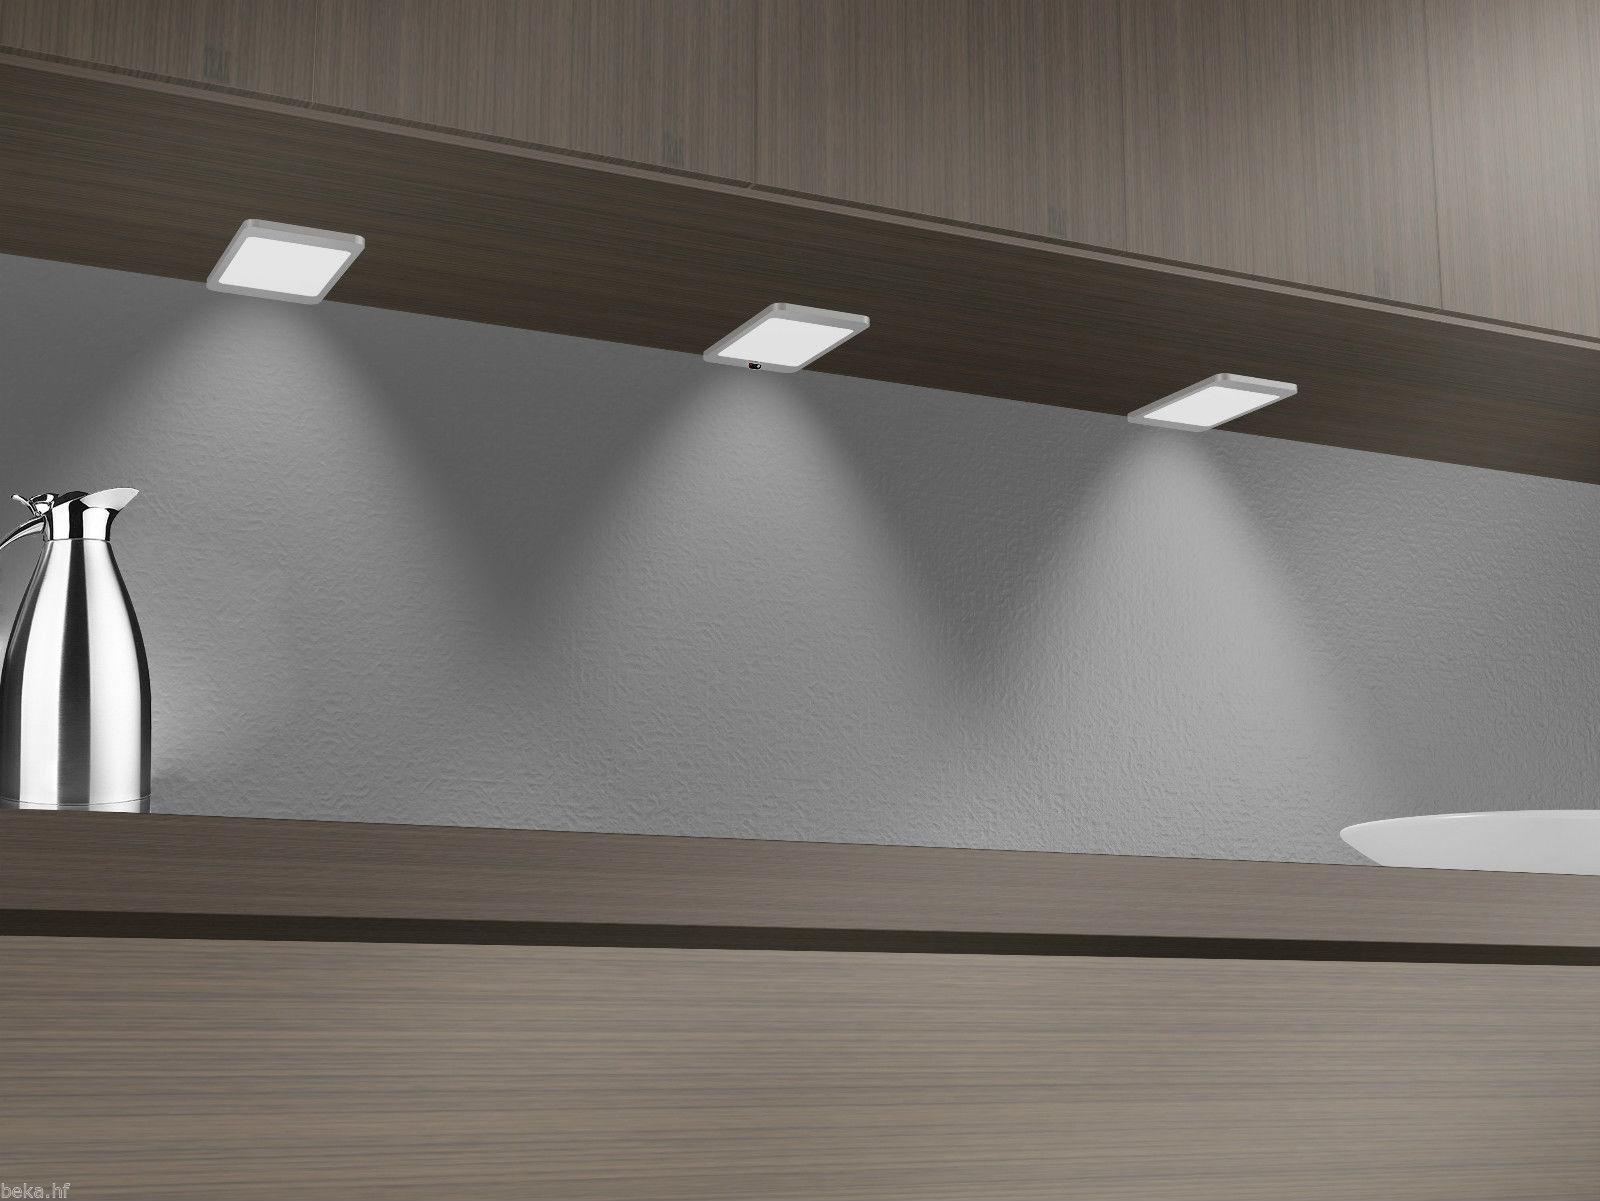 Full Size of Küchenleuchte Kalb Led Unterbauleuchte 6watt Set Sensor Real Wohnzimmer Küchenleuchte